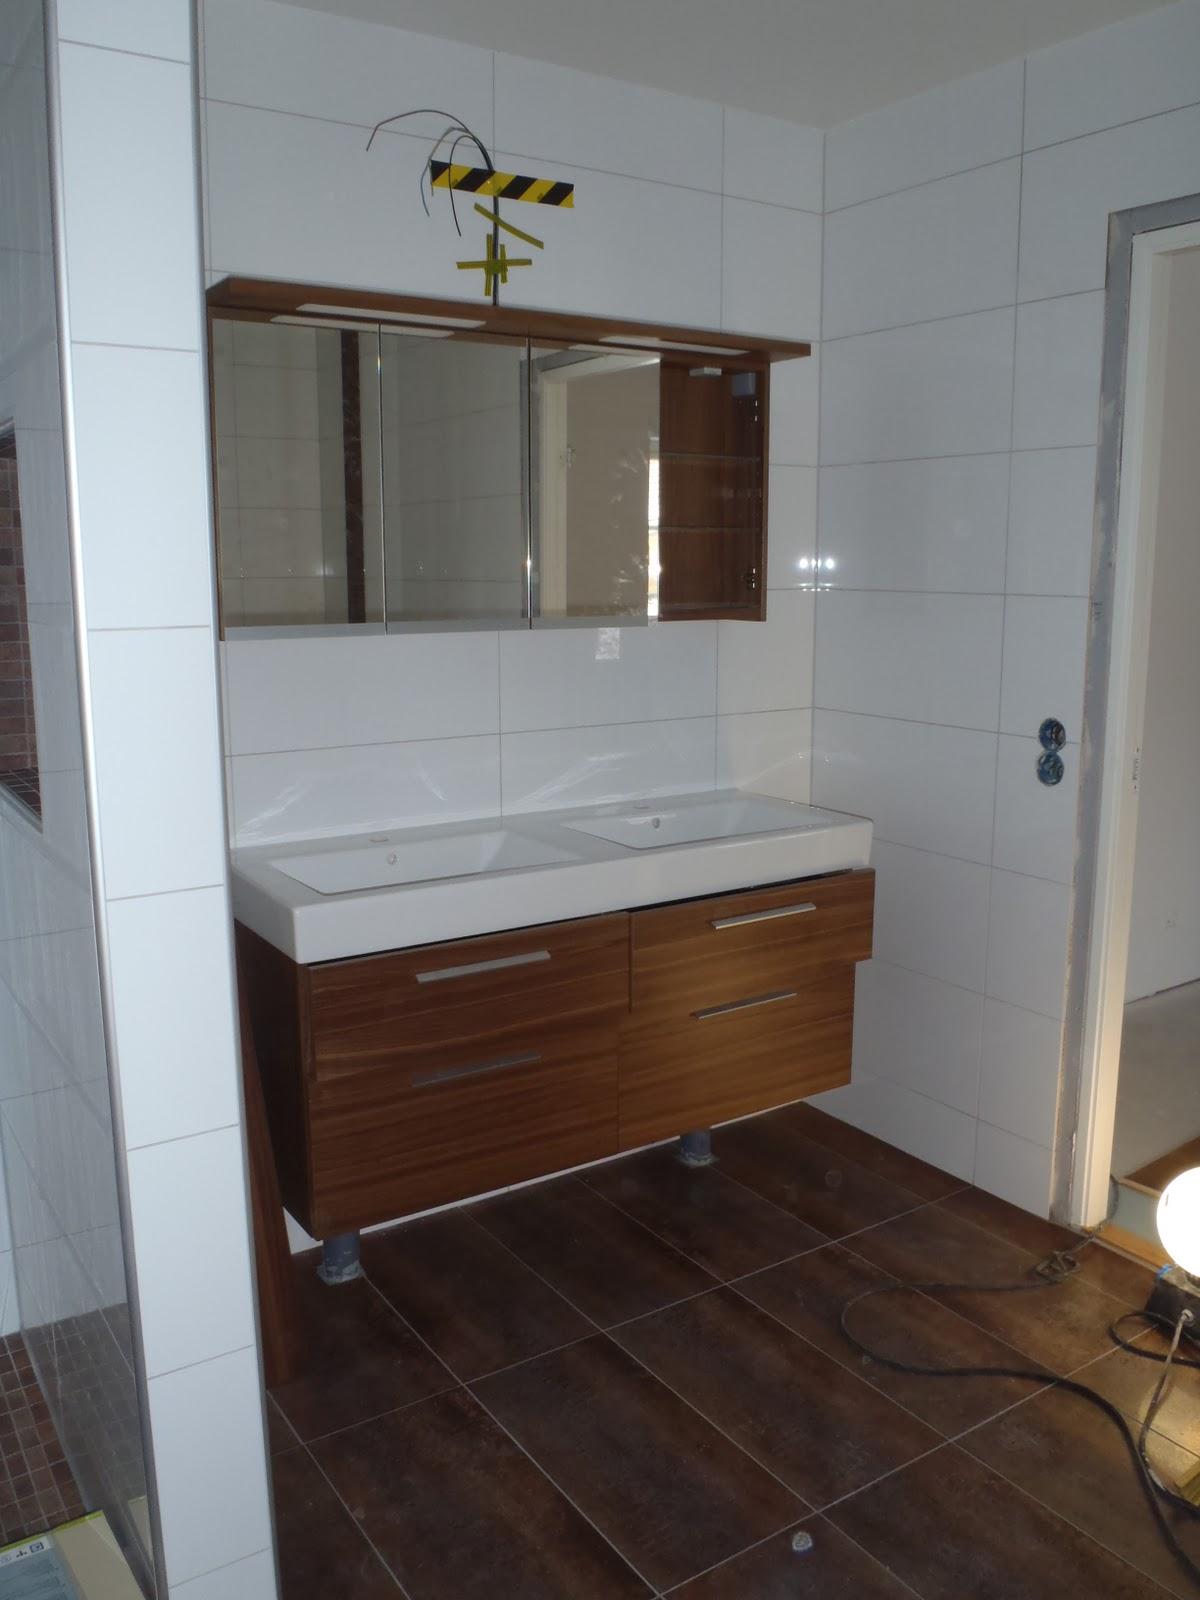 lackad parkett i kok interi rinspiration och id er f r hemdesign. Black Bedroom Furniture Sets. Home Design Ideas